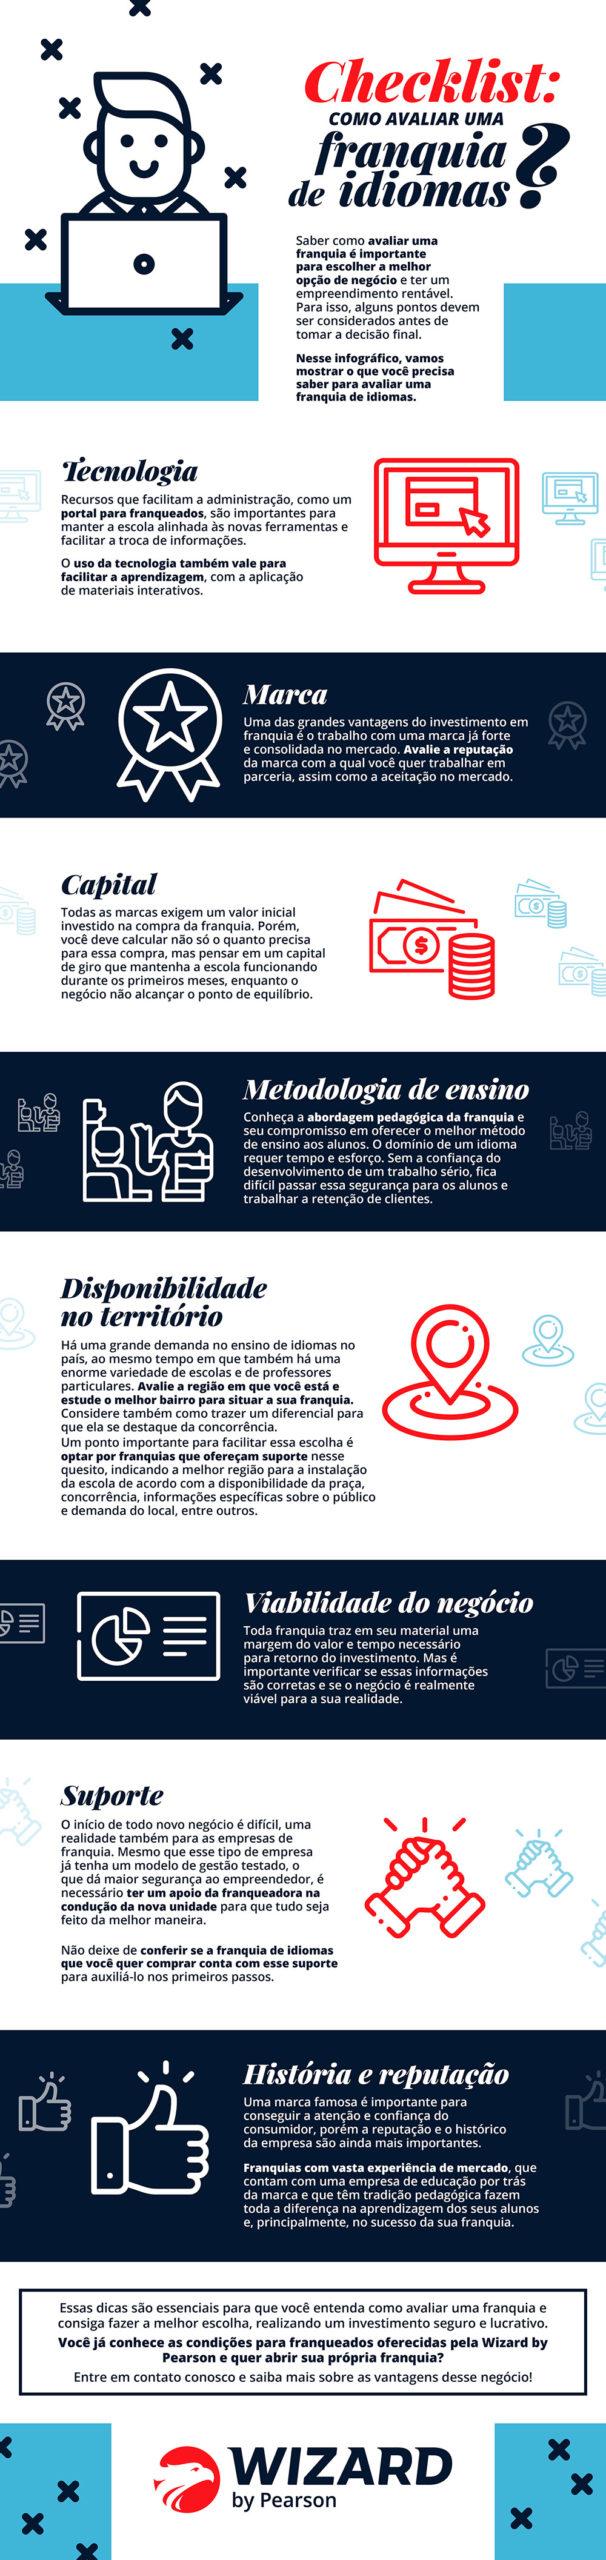 Infográfico - Checklist: como avaliar uma franquia de idiomas